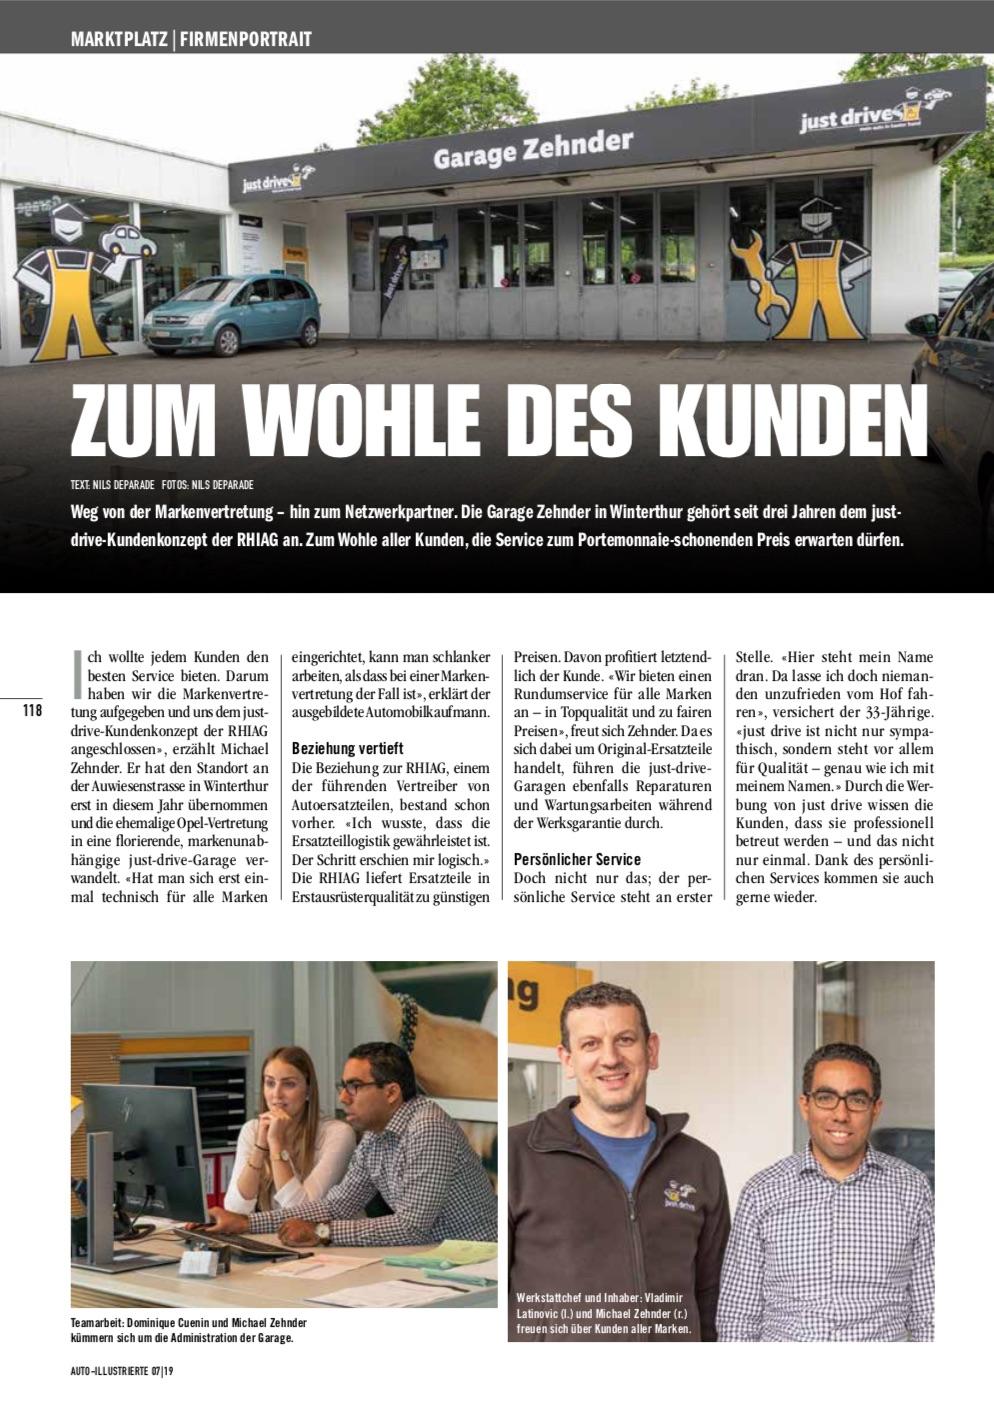 27_Zehnder_autoillu_justdrive_de.jpg